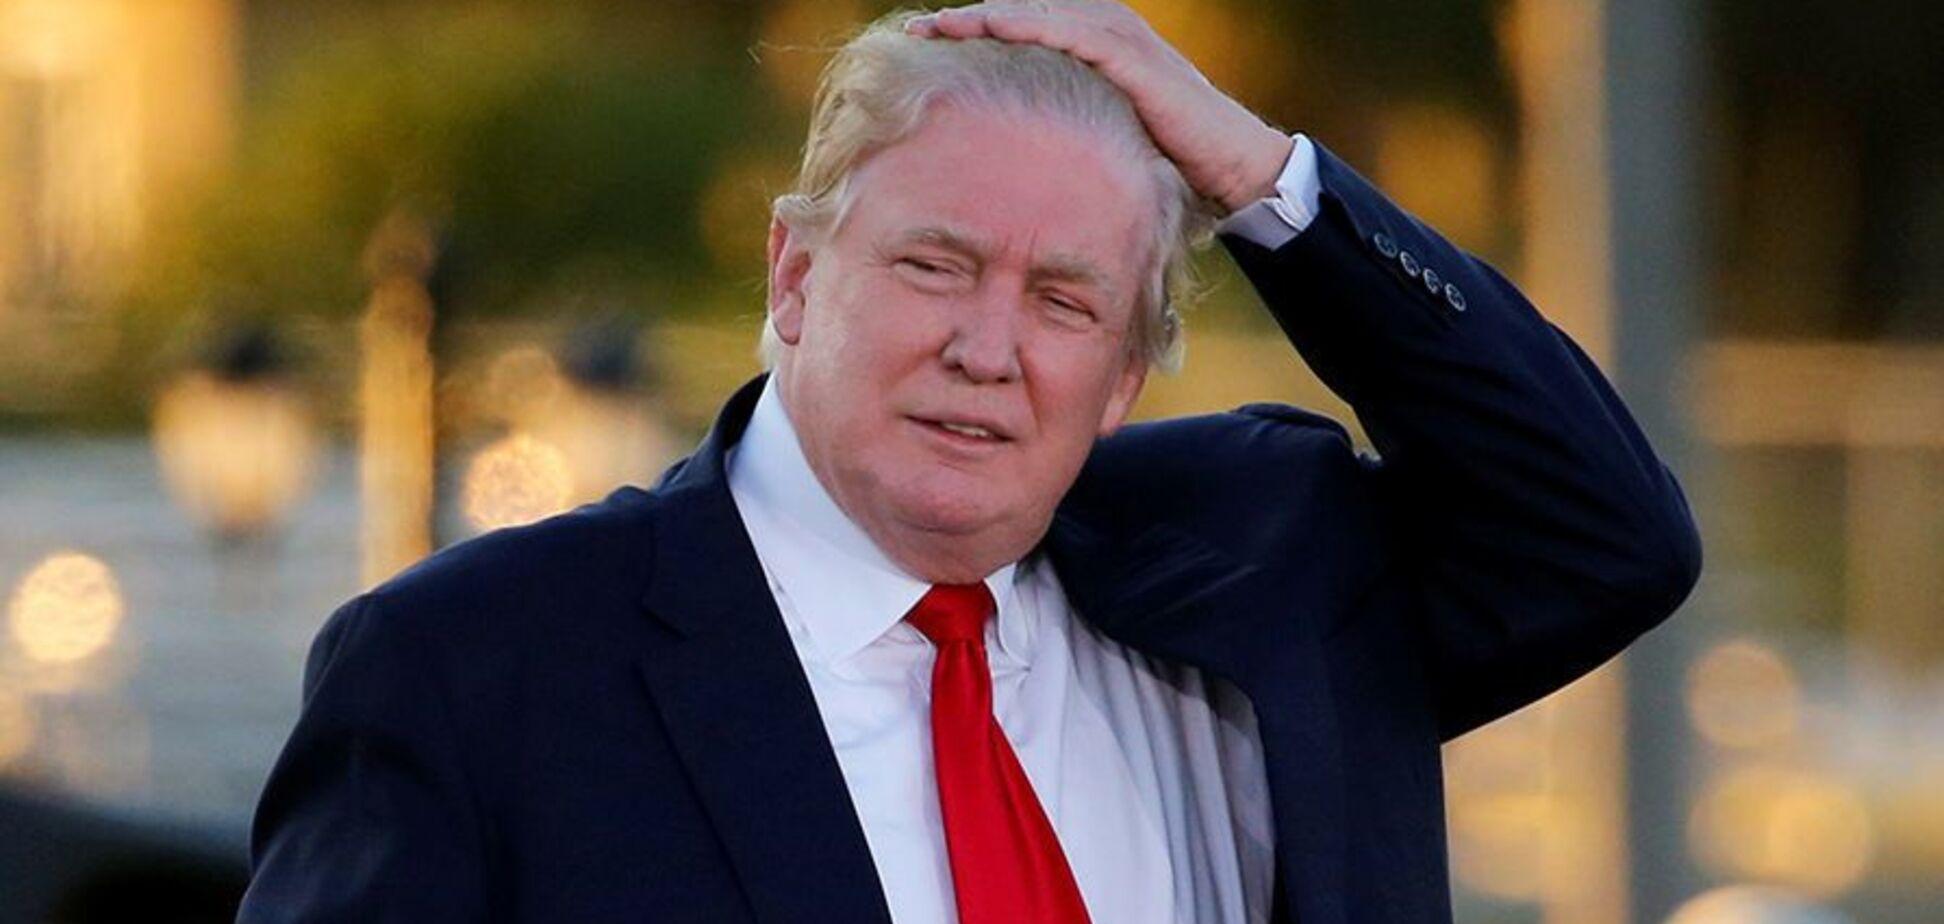 Импичмент Трампа и санкции против России: озвучен прогноз по выборам в США